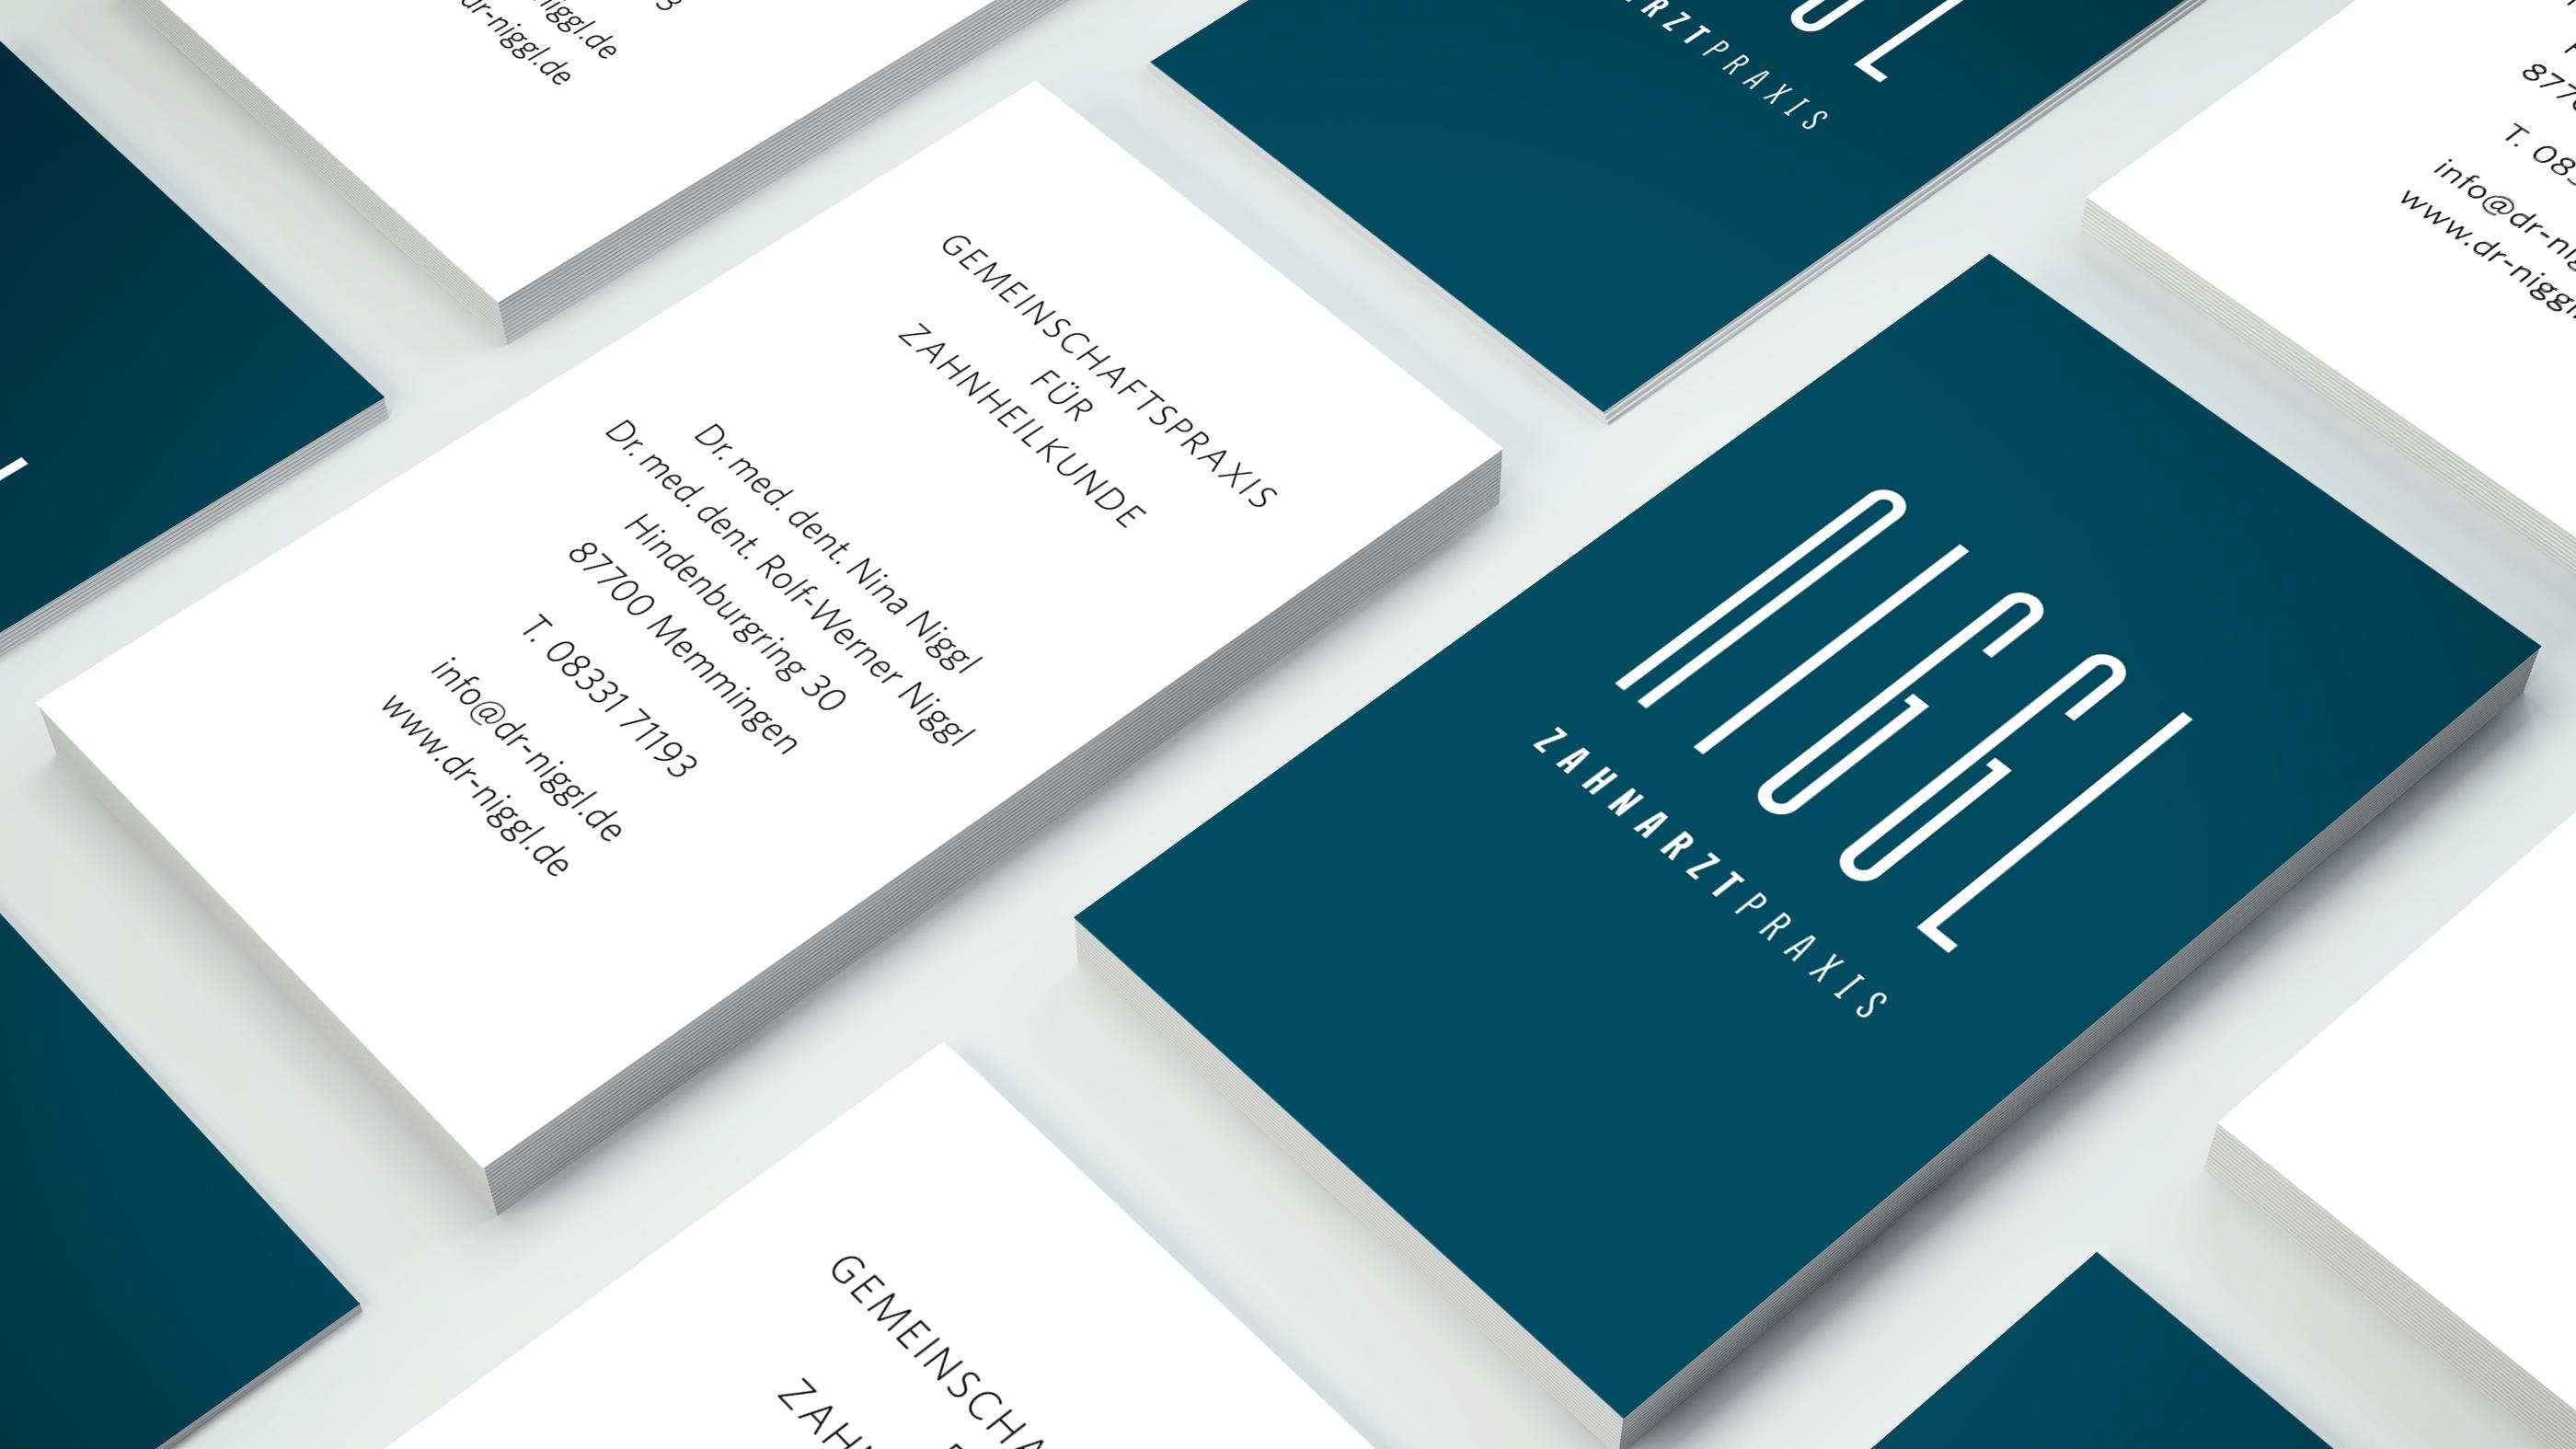 Corporate Design mit Geschäftsausstattung für die Zahnarztpraxis Niggl aus Memmingen von der Designagentur das formt aus München